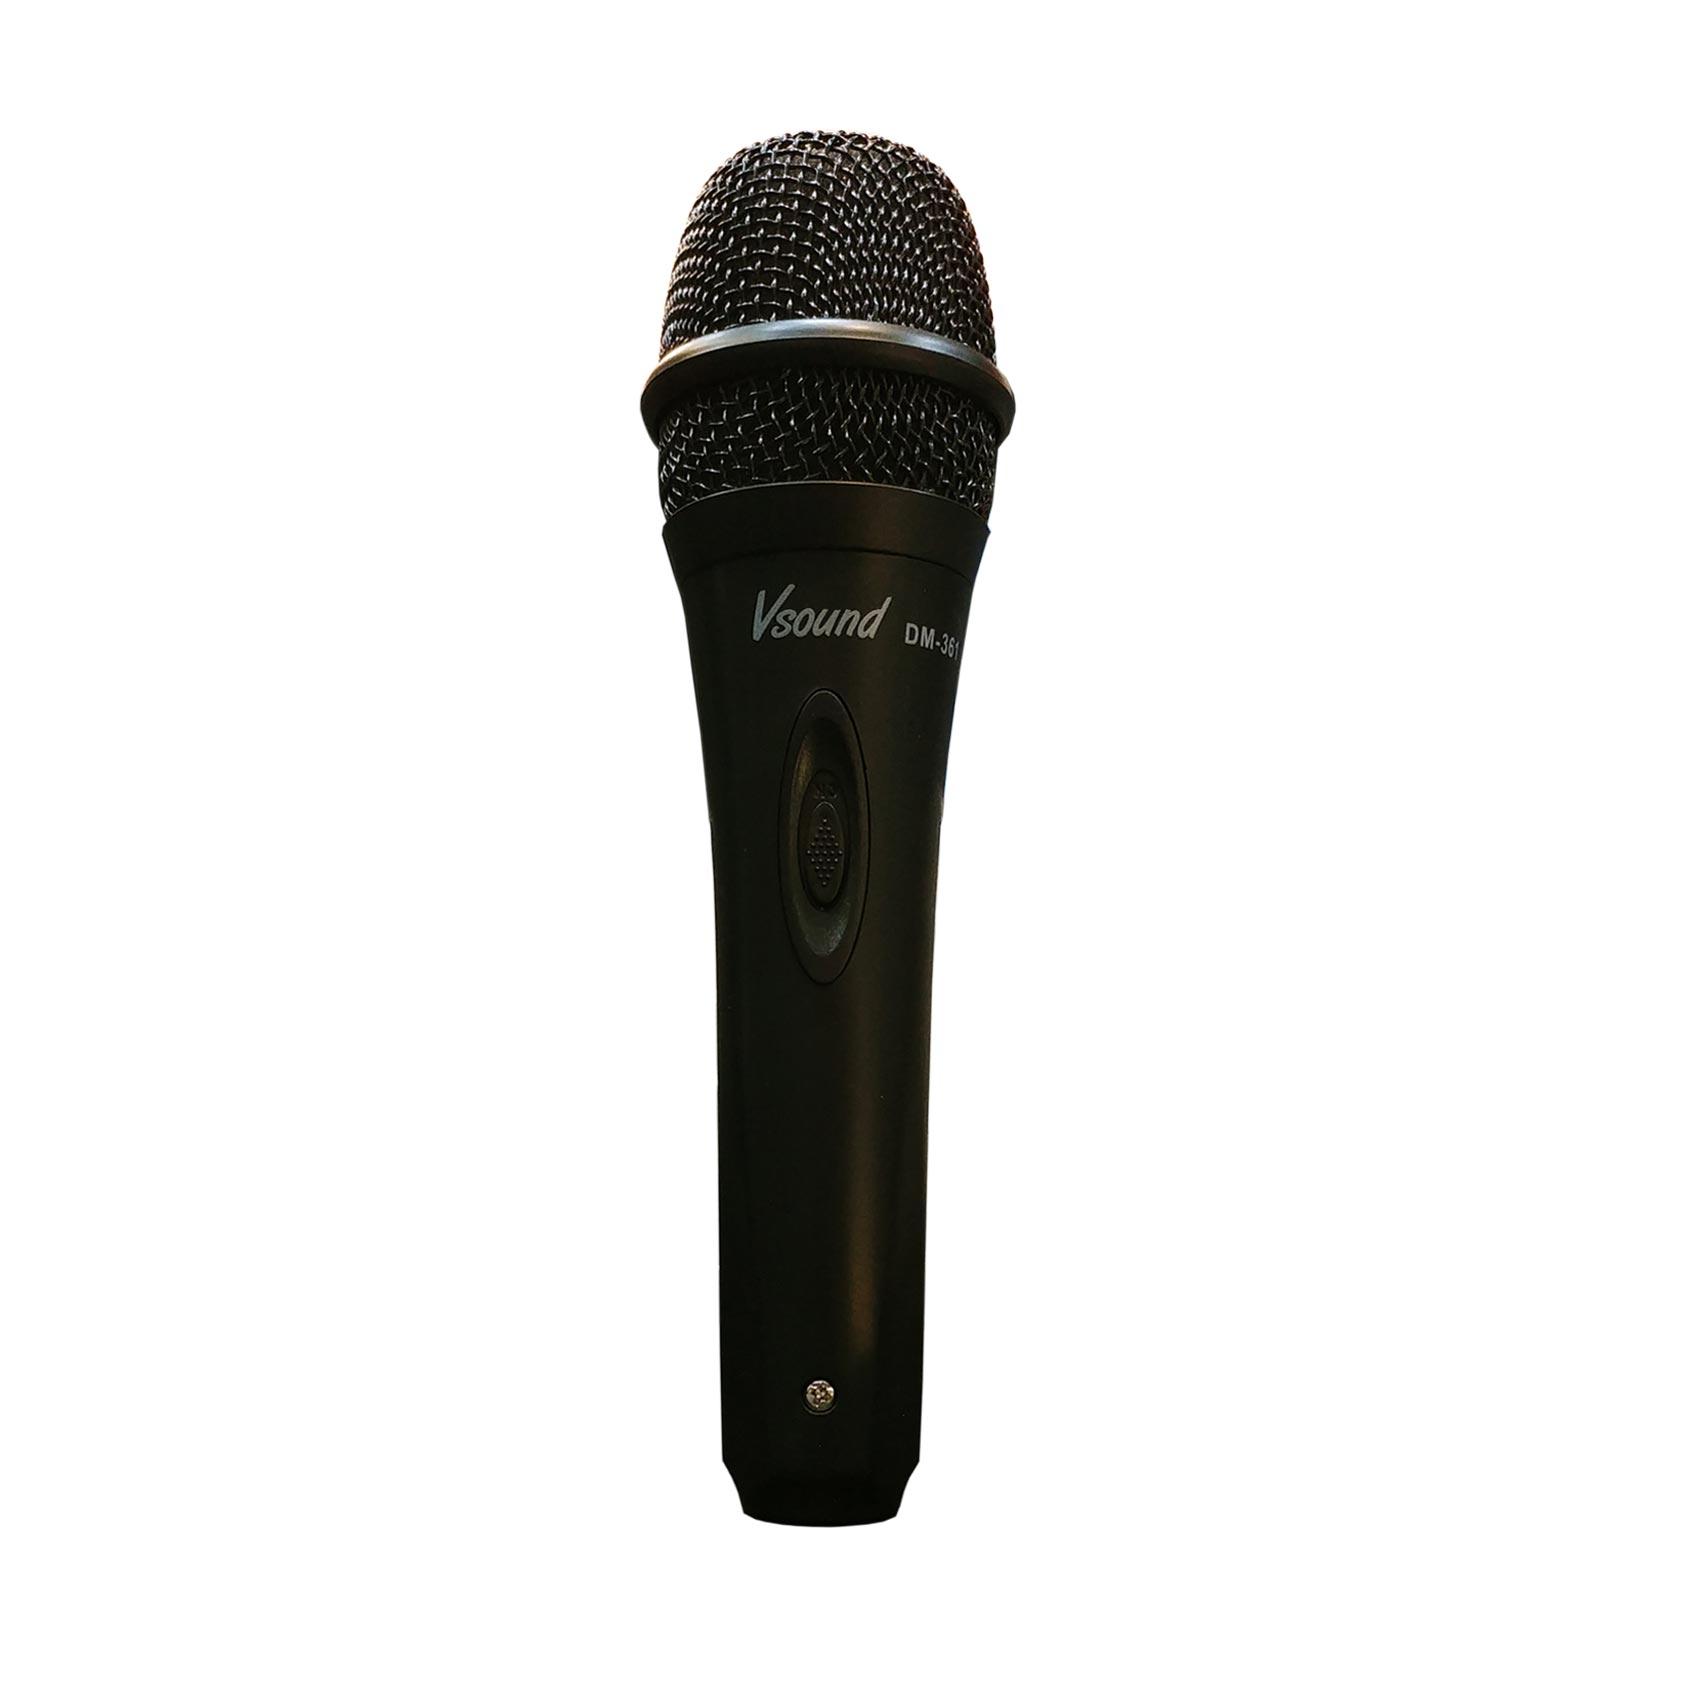 خرید                     میکروفن وی سوند مدل DM-361